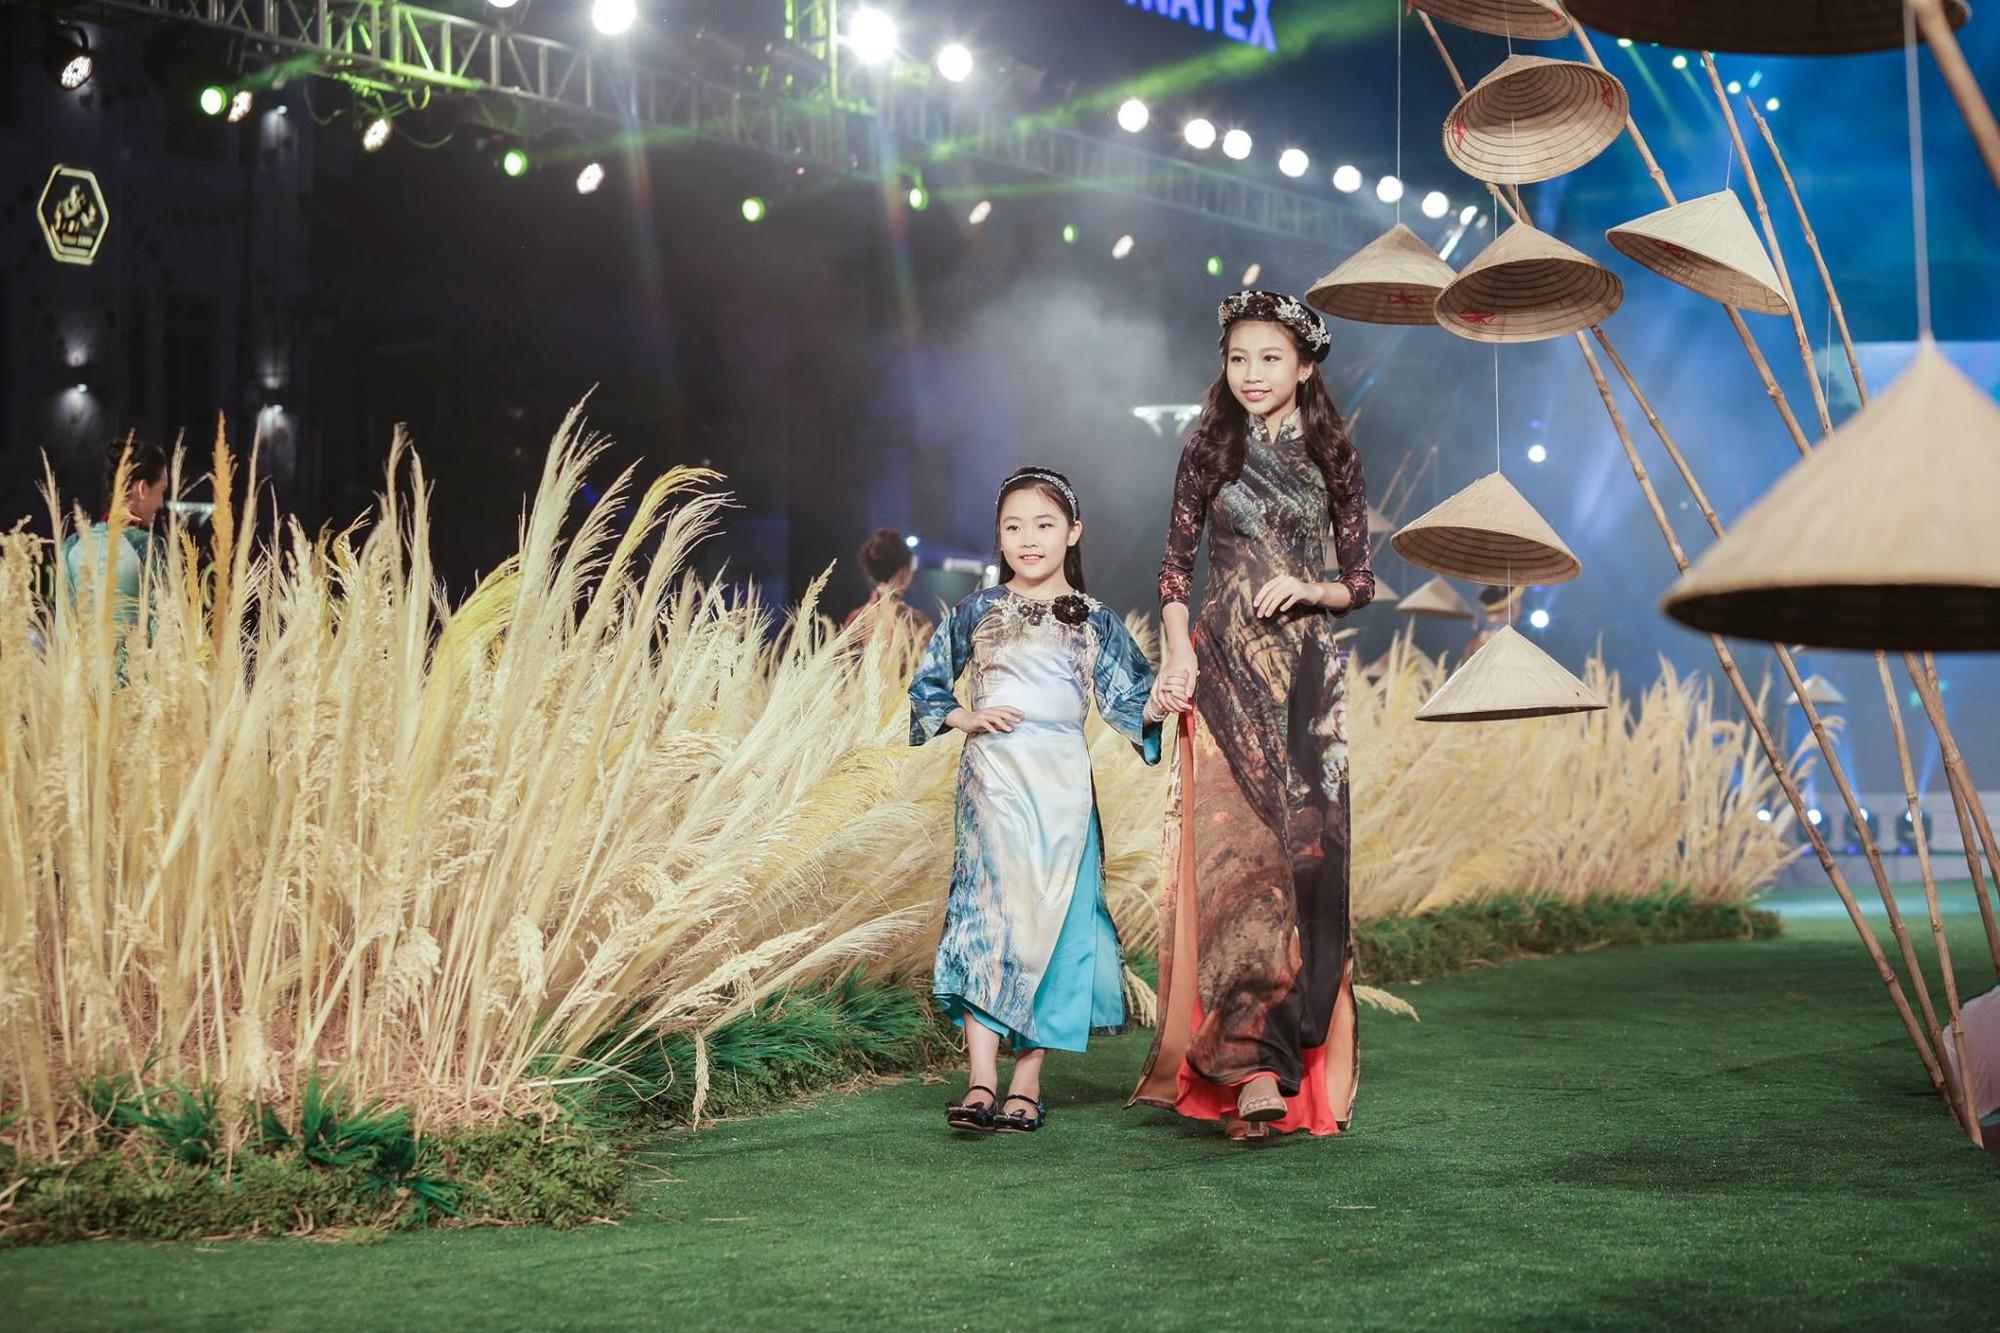 Mới 13 tuổi mà đã cao 1m72, cô bé Việt giành ngay ngôi vị Hoa hậu Hoàn vũ nhí 2018 - Ảnh 10.